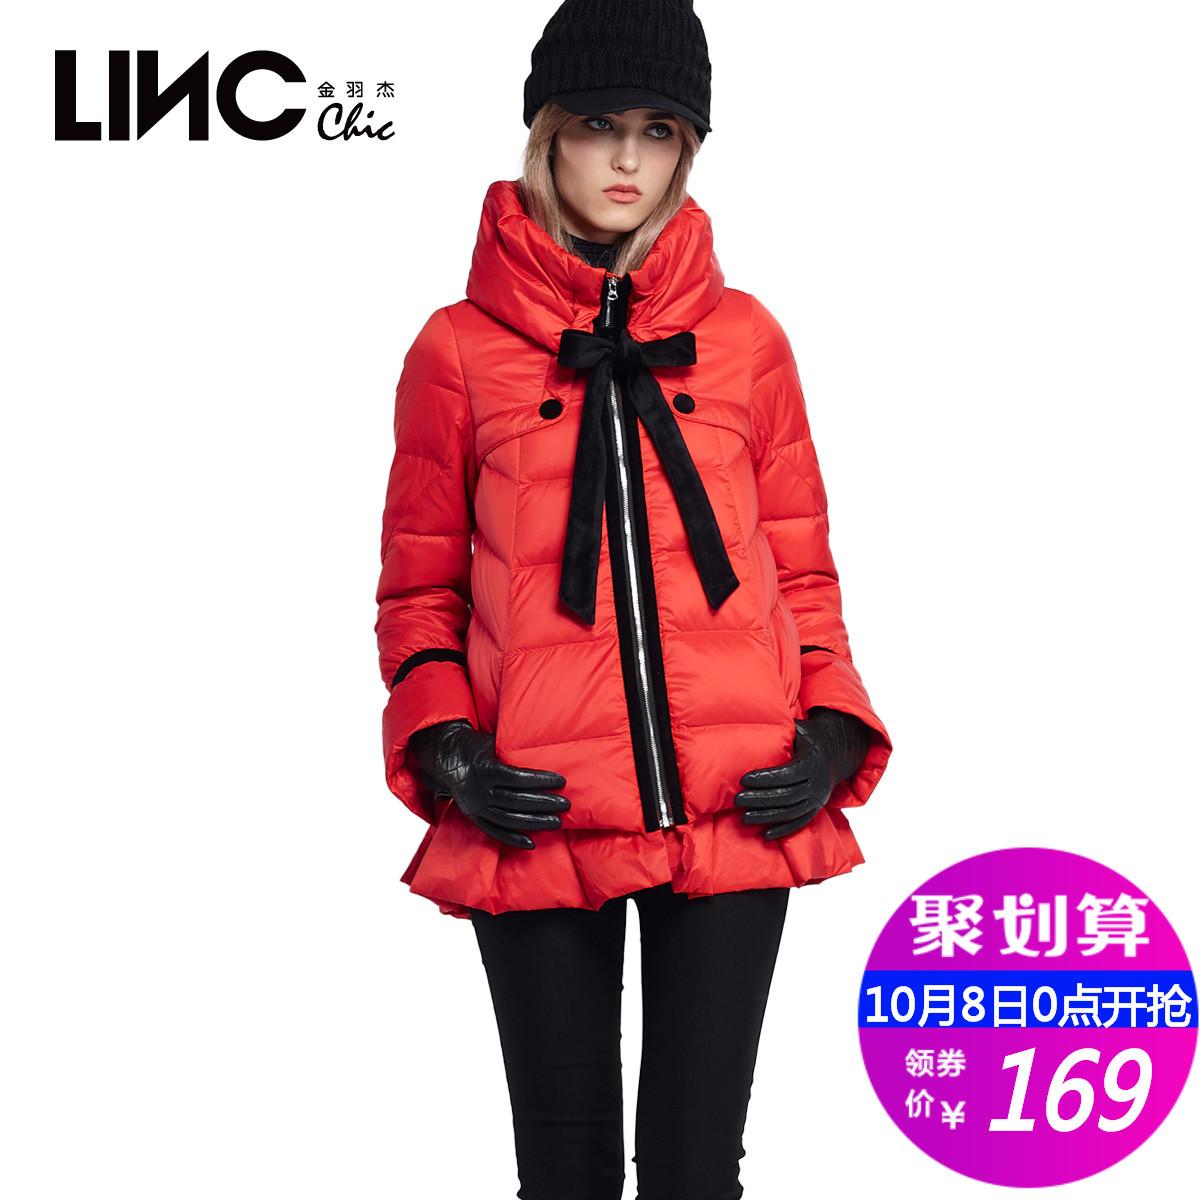 LINC-金羽杰时尚年冬季甜美蝴蝶结A廓形羽绒服女保暖192110